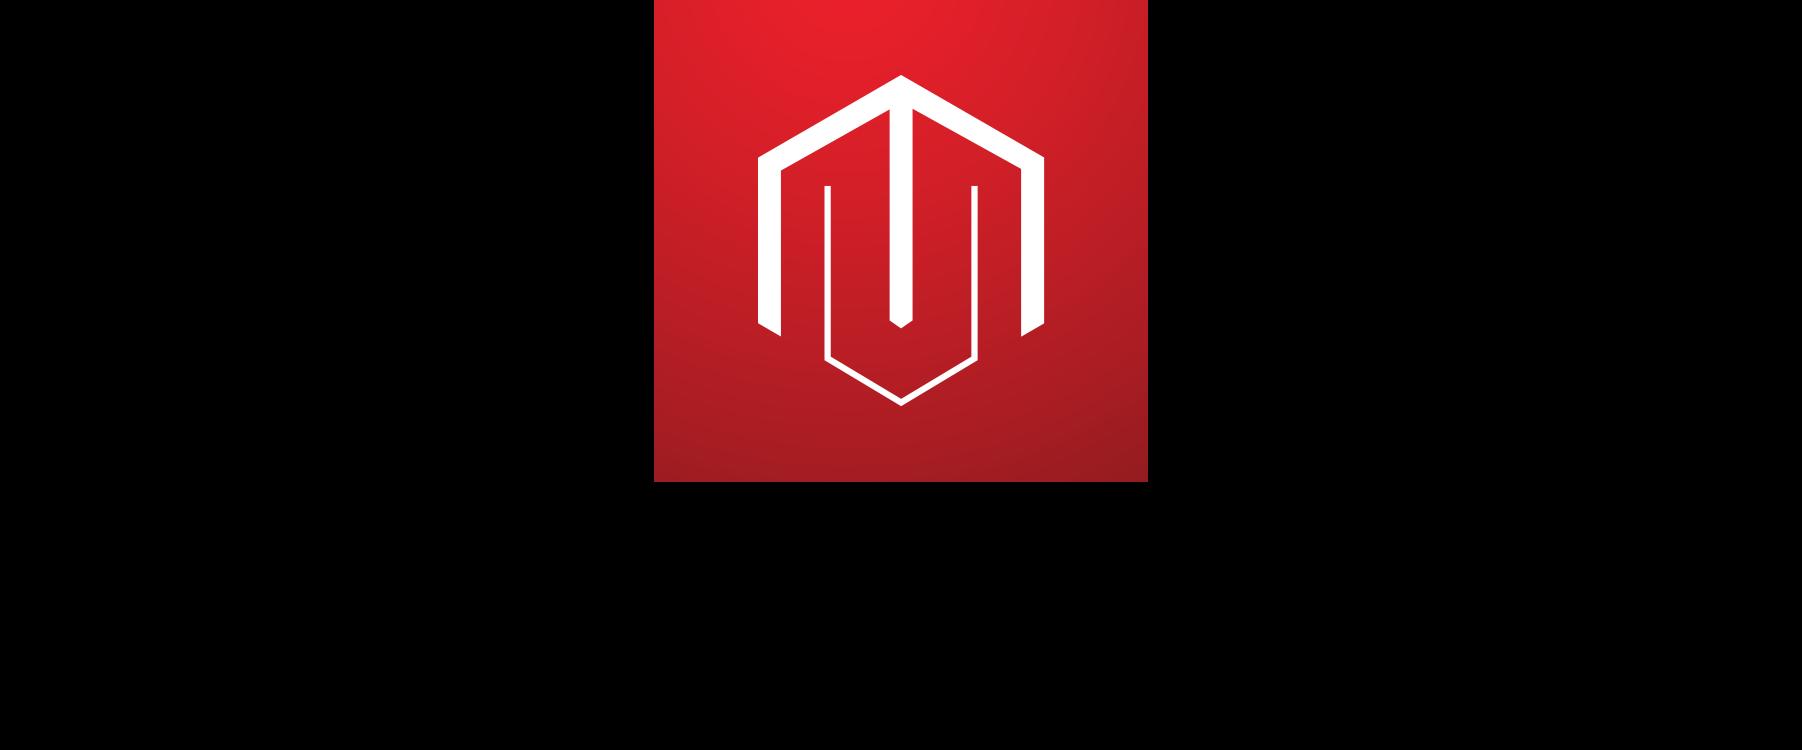 Adobe Commerce Cloud logo